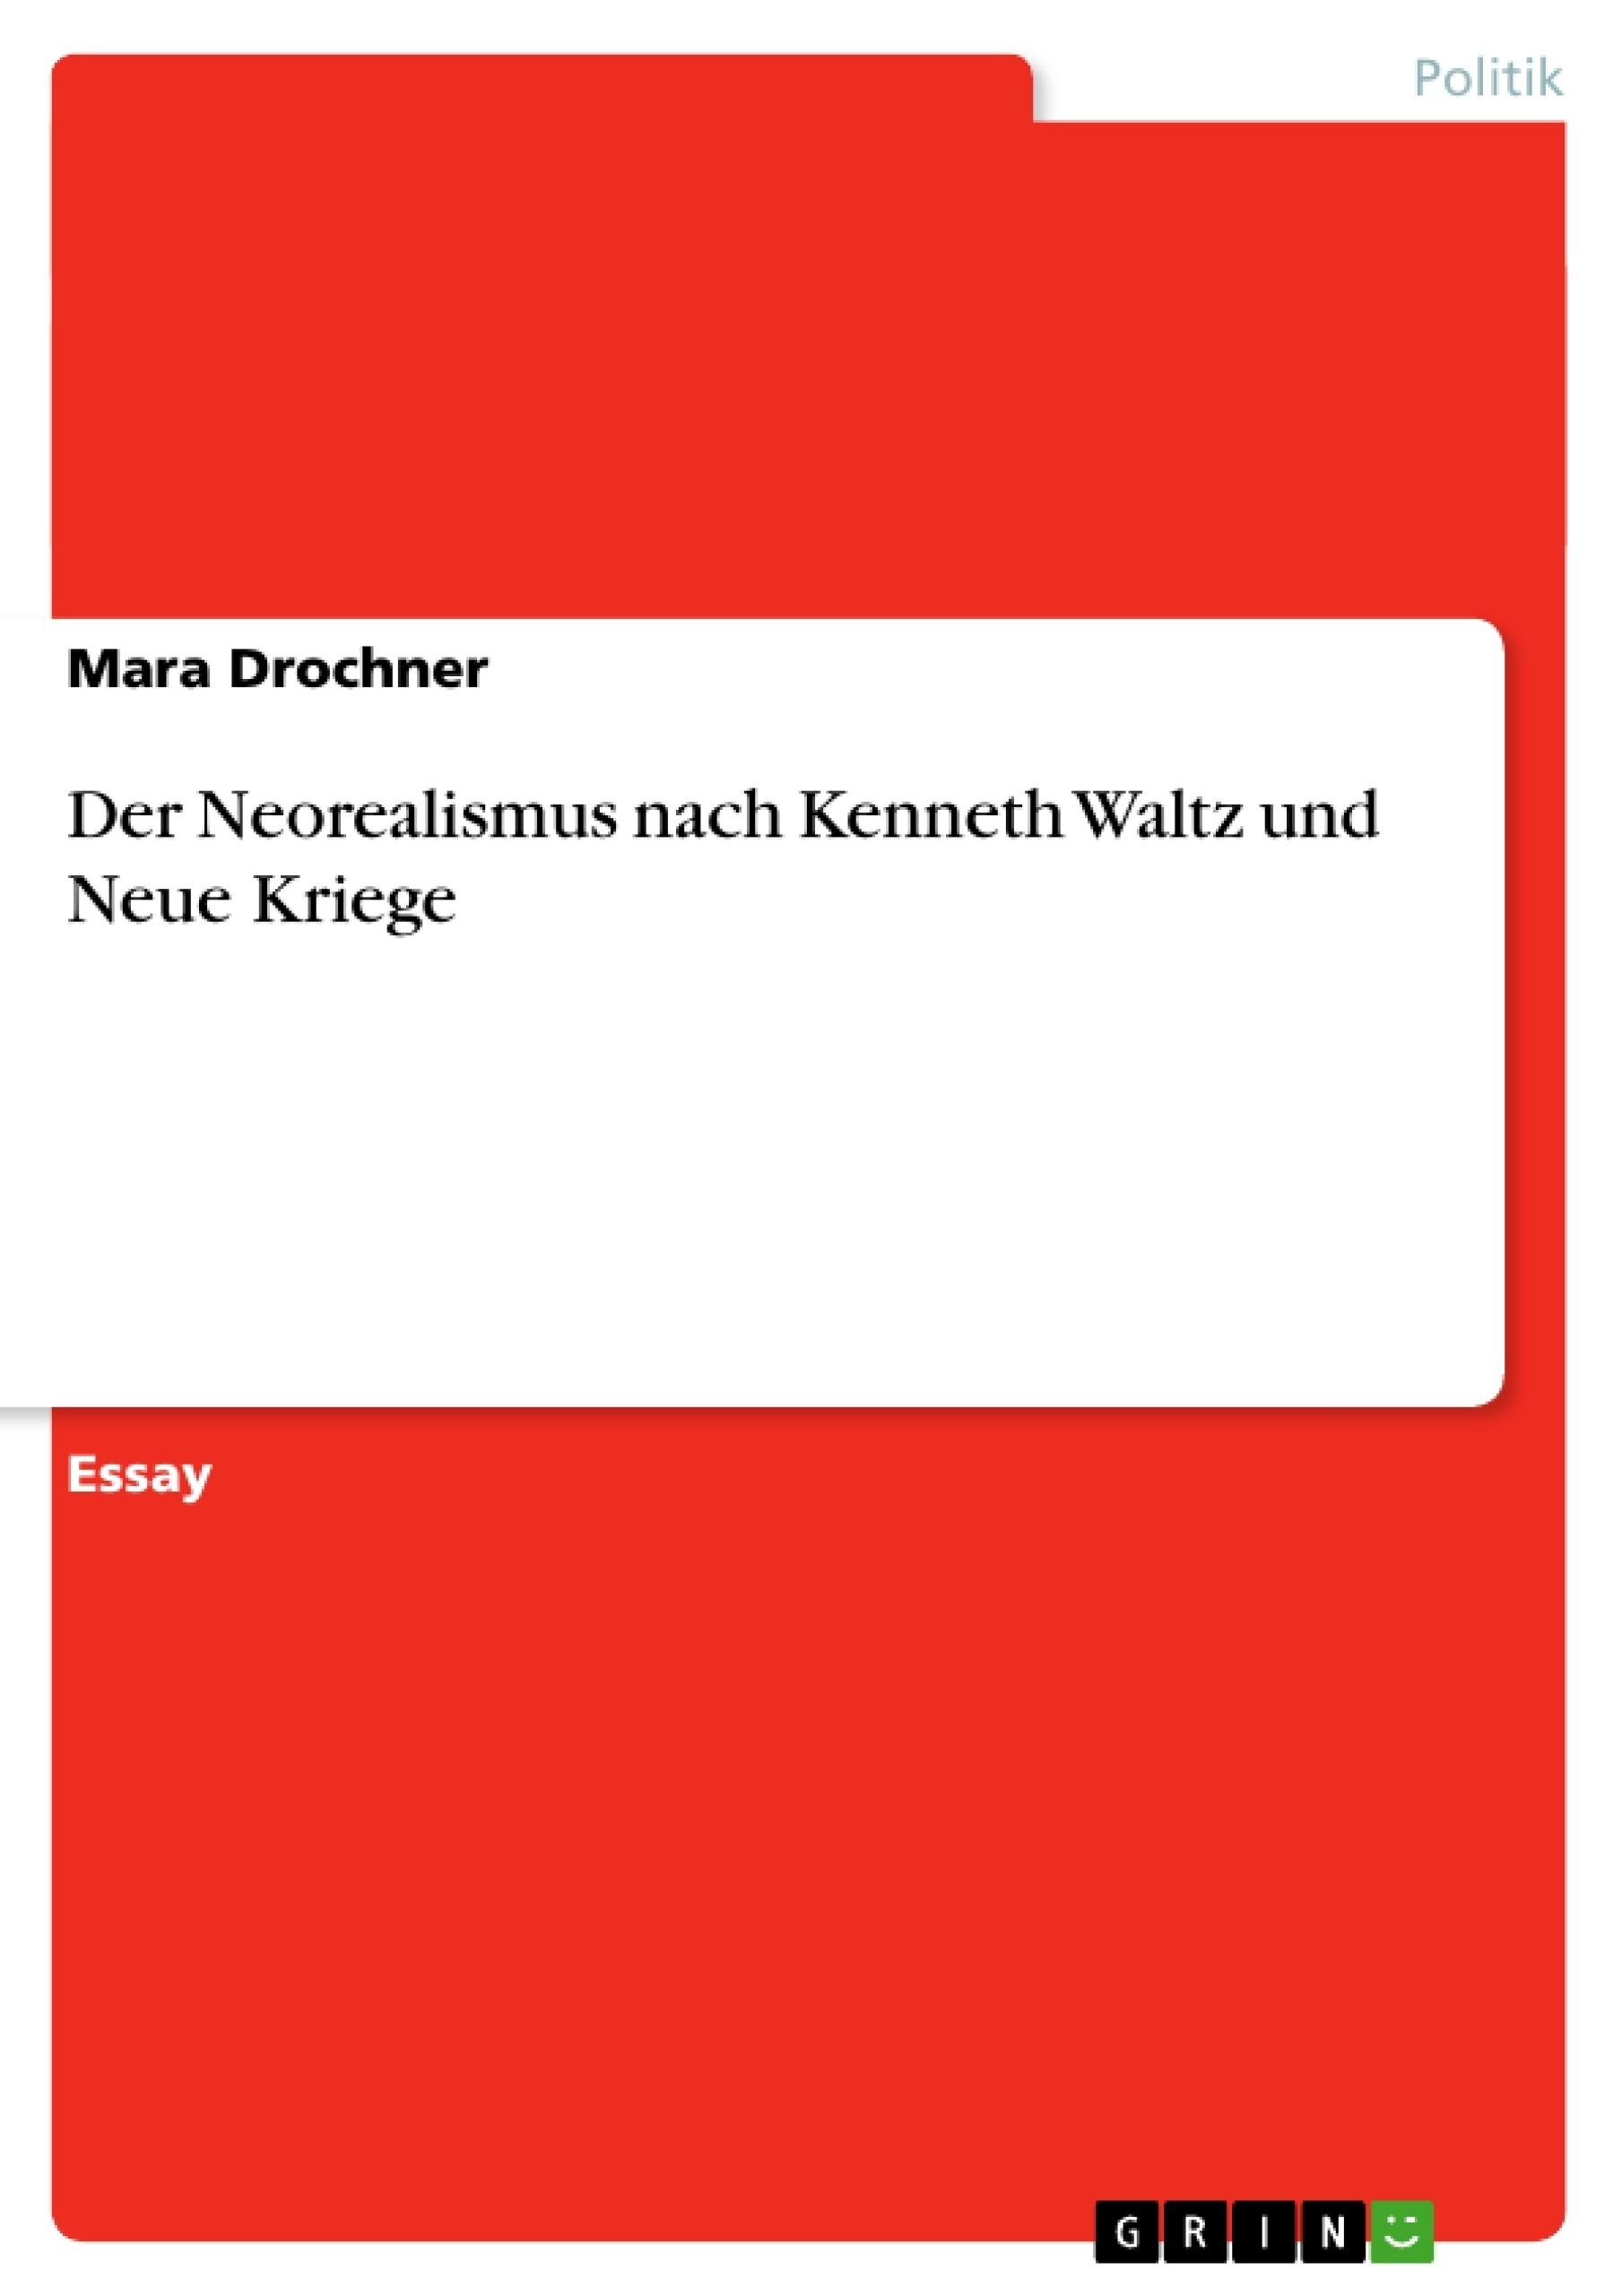 Titel: Der Neorealismus nach Kenneth Waltz und Neue Kriege